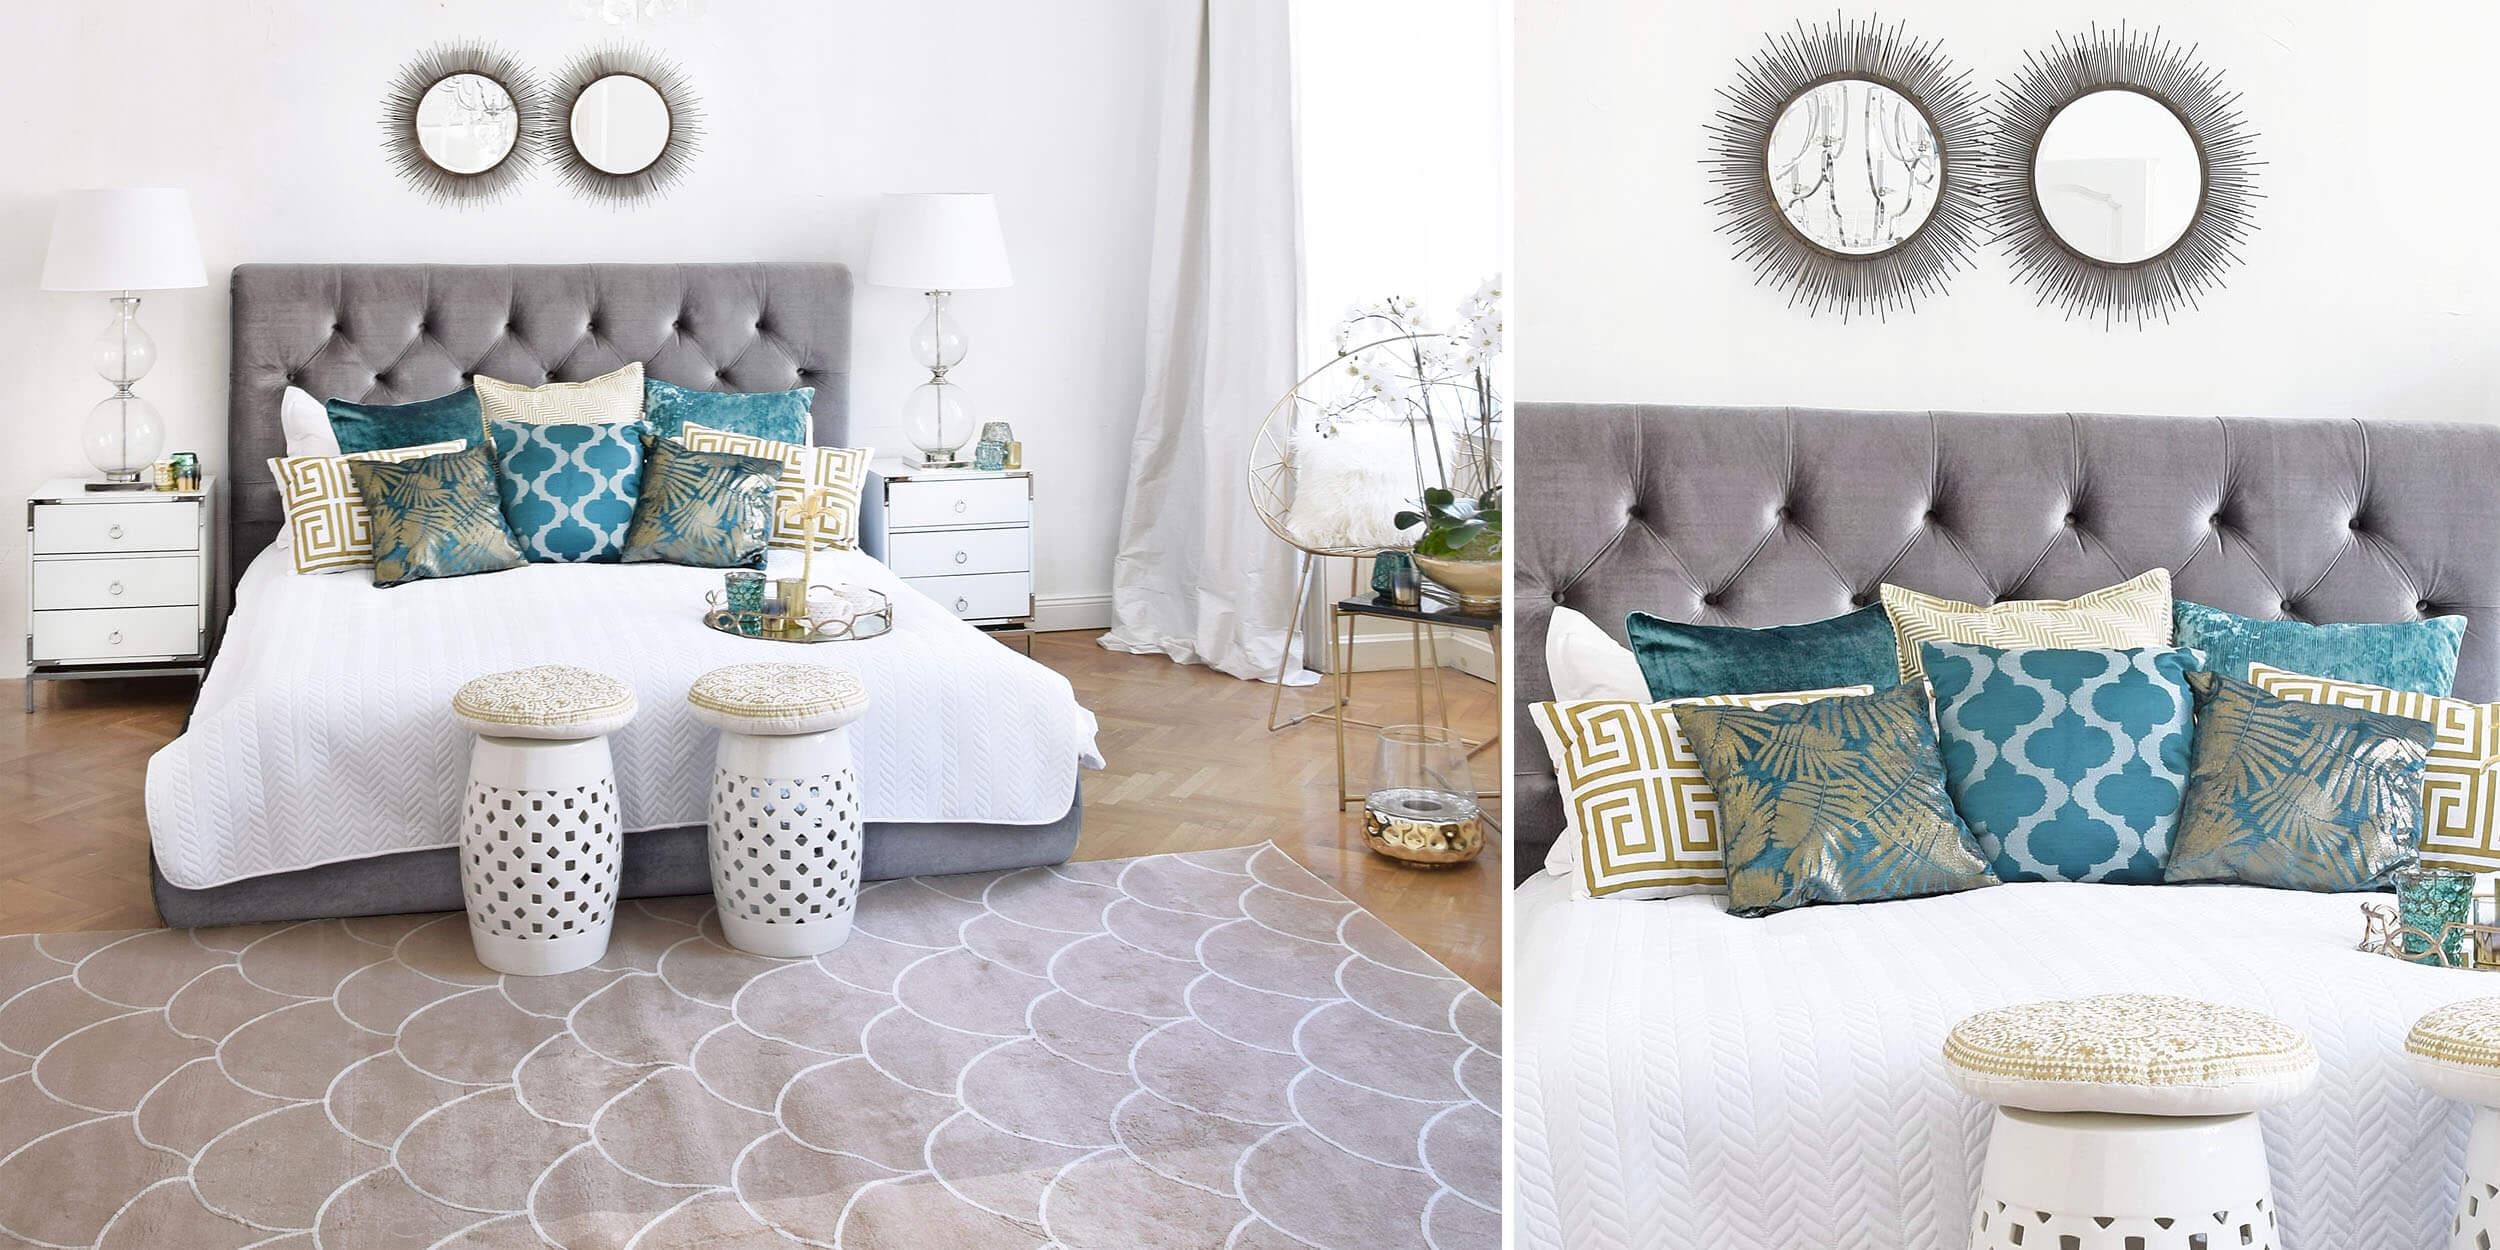 Samtbett-Look 4: Schlafzimmer in Türkistönen